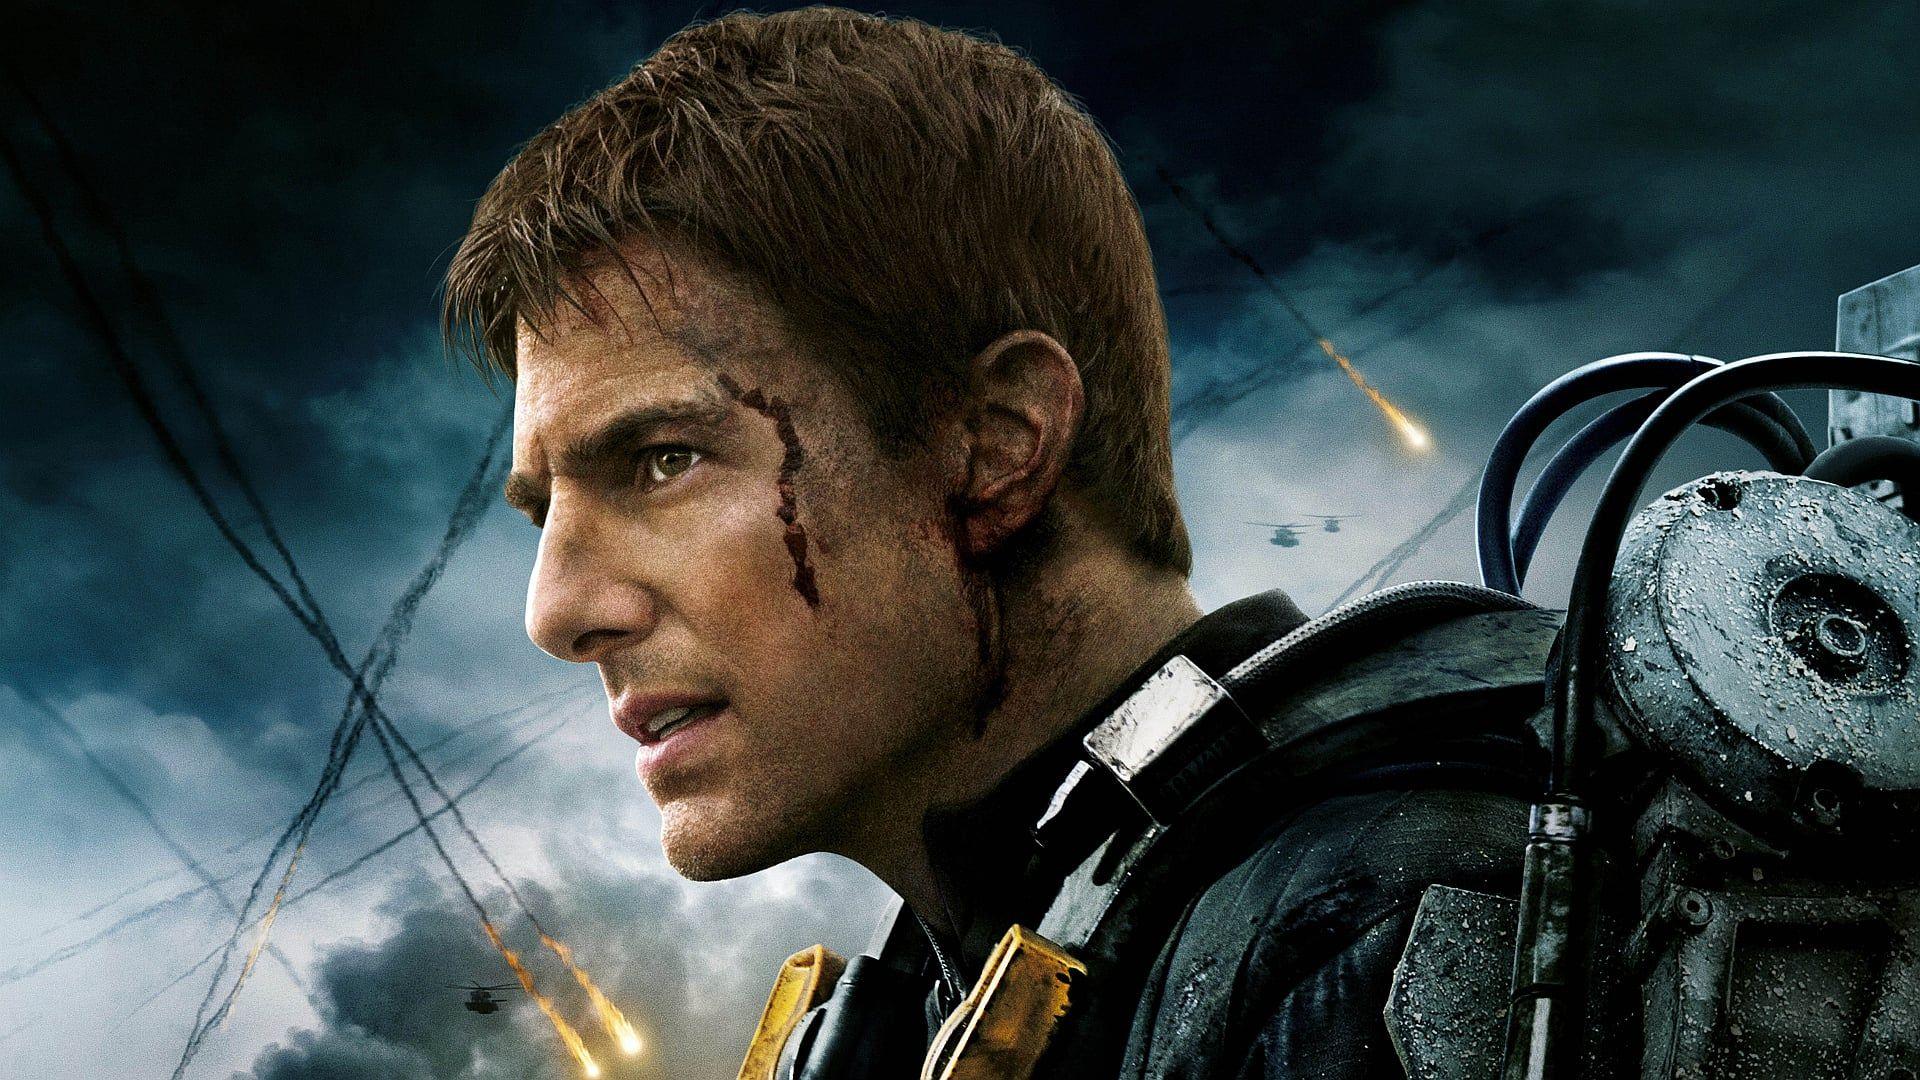 In Naher Zukunft Beginnt Eine Insektenartige Alienrasse Die Sogenannten Mimics Mit Einer Invasion Der Erde Mit Ihr Edge Of Tomorrow Tom Cruise Sci Fi Films